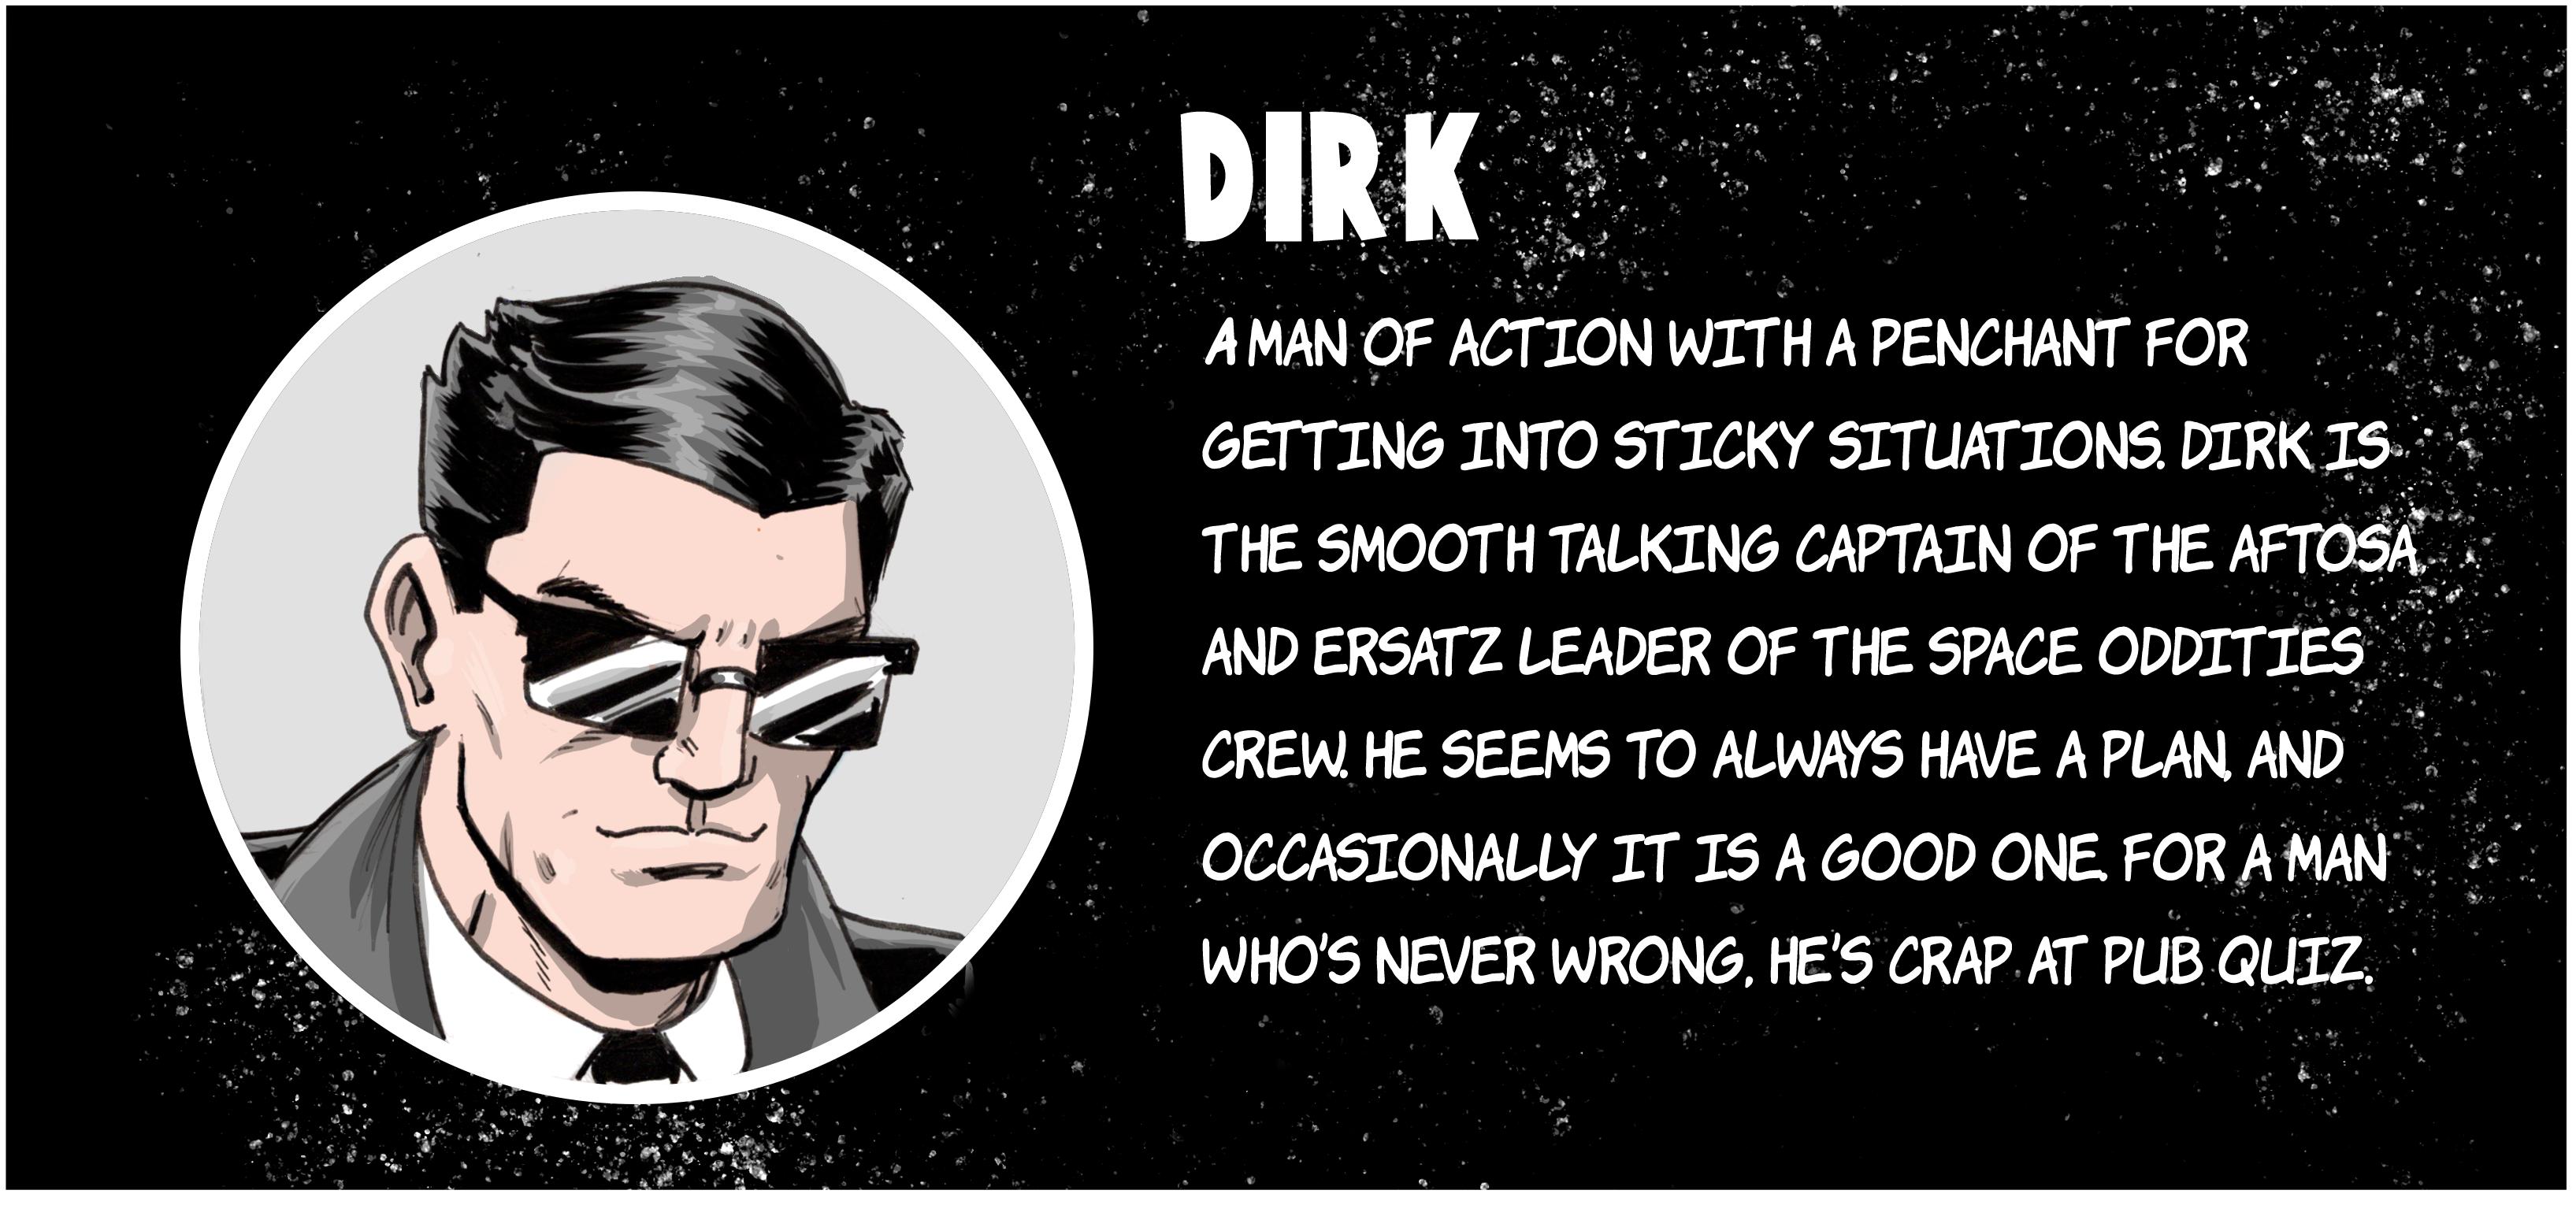 Profile Dirk